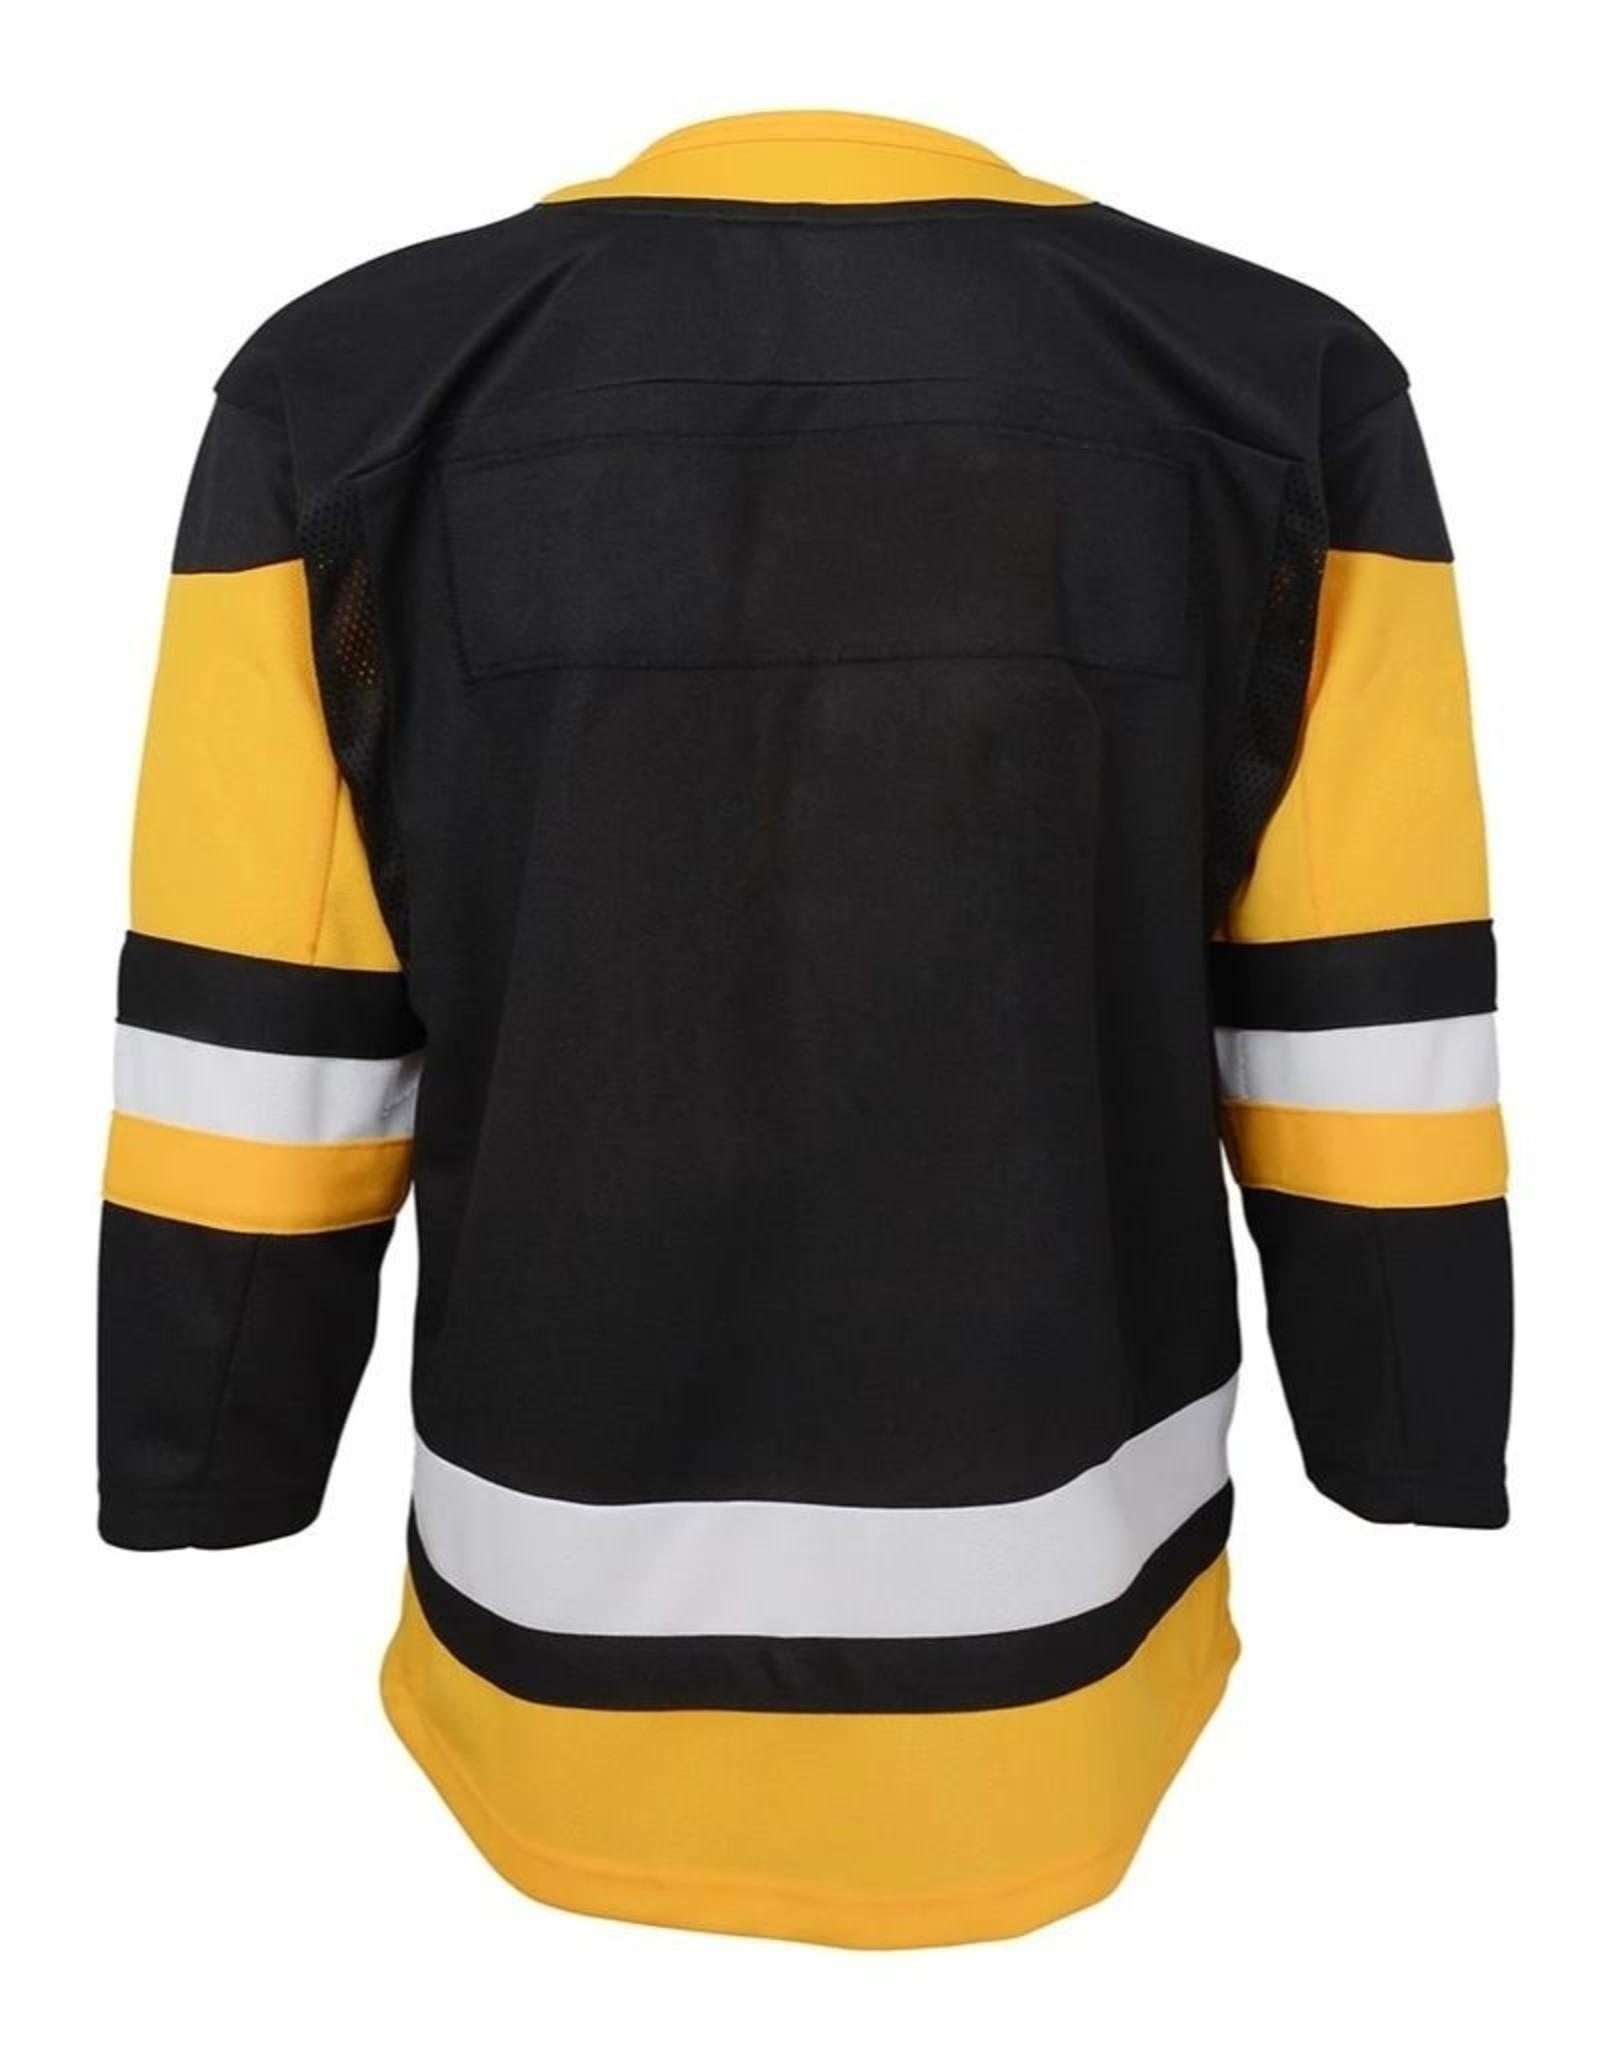 NHL Youth Premier Home Jersey Penguins Black